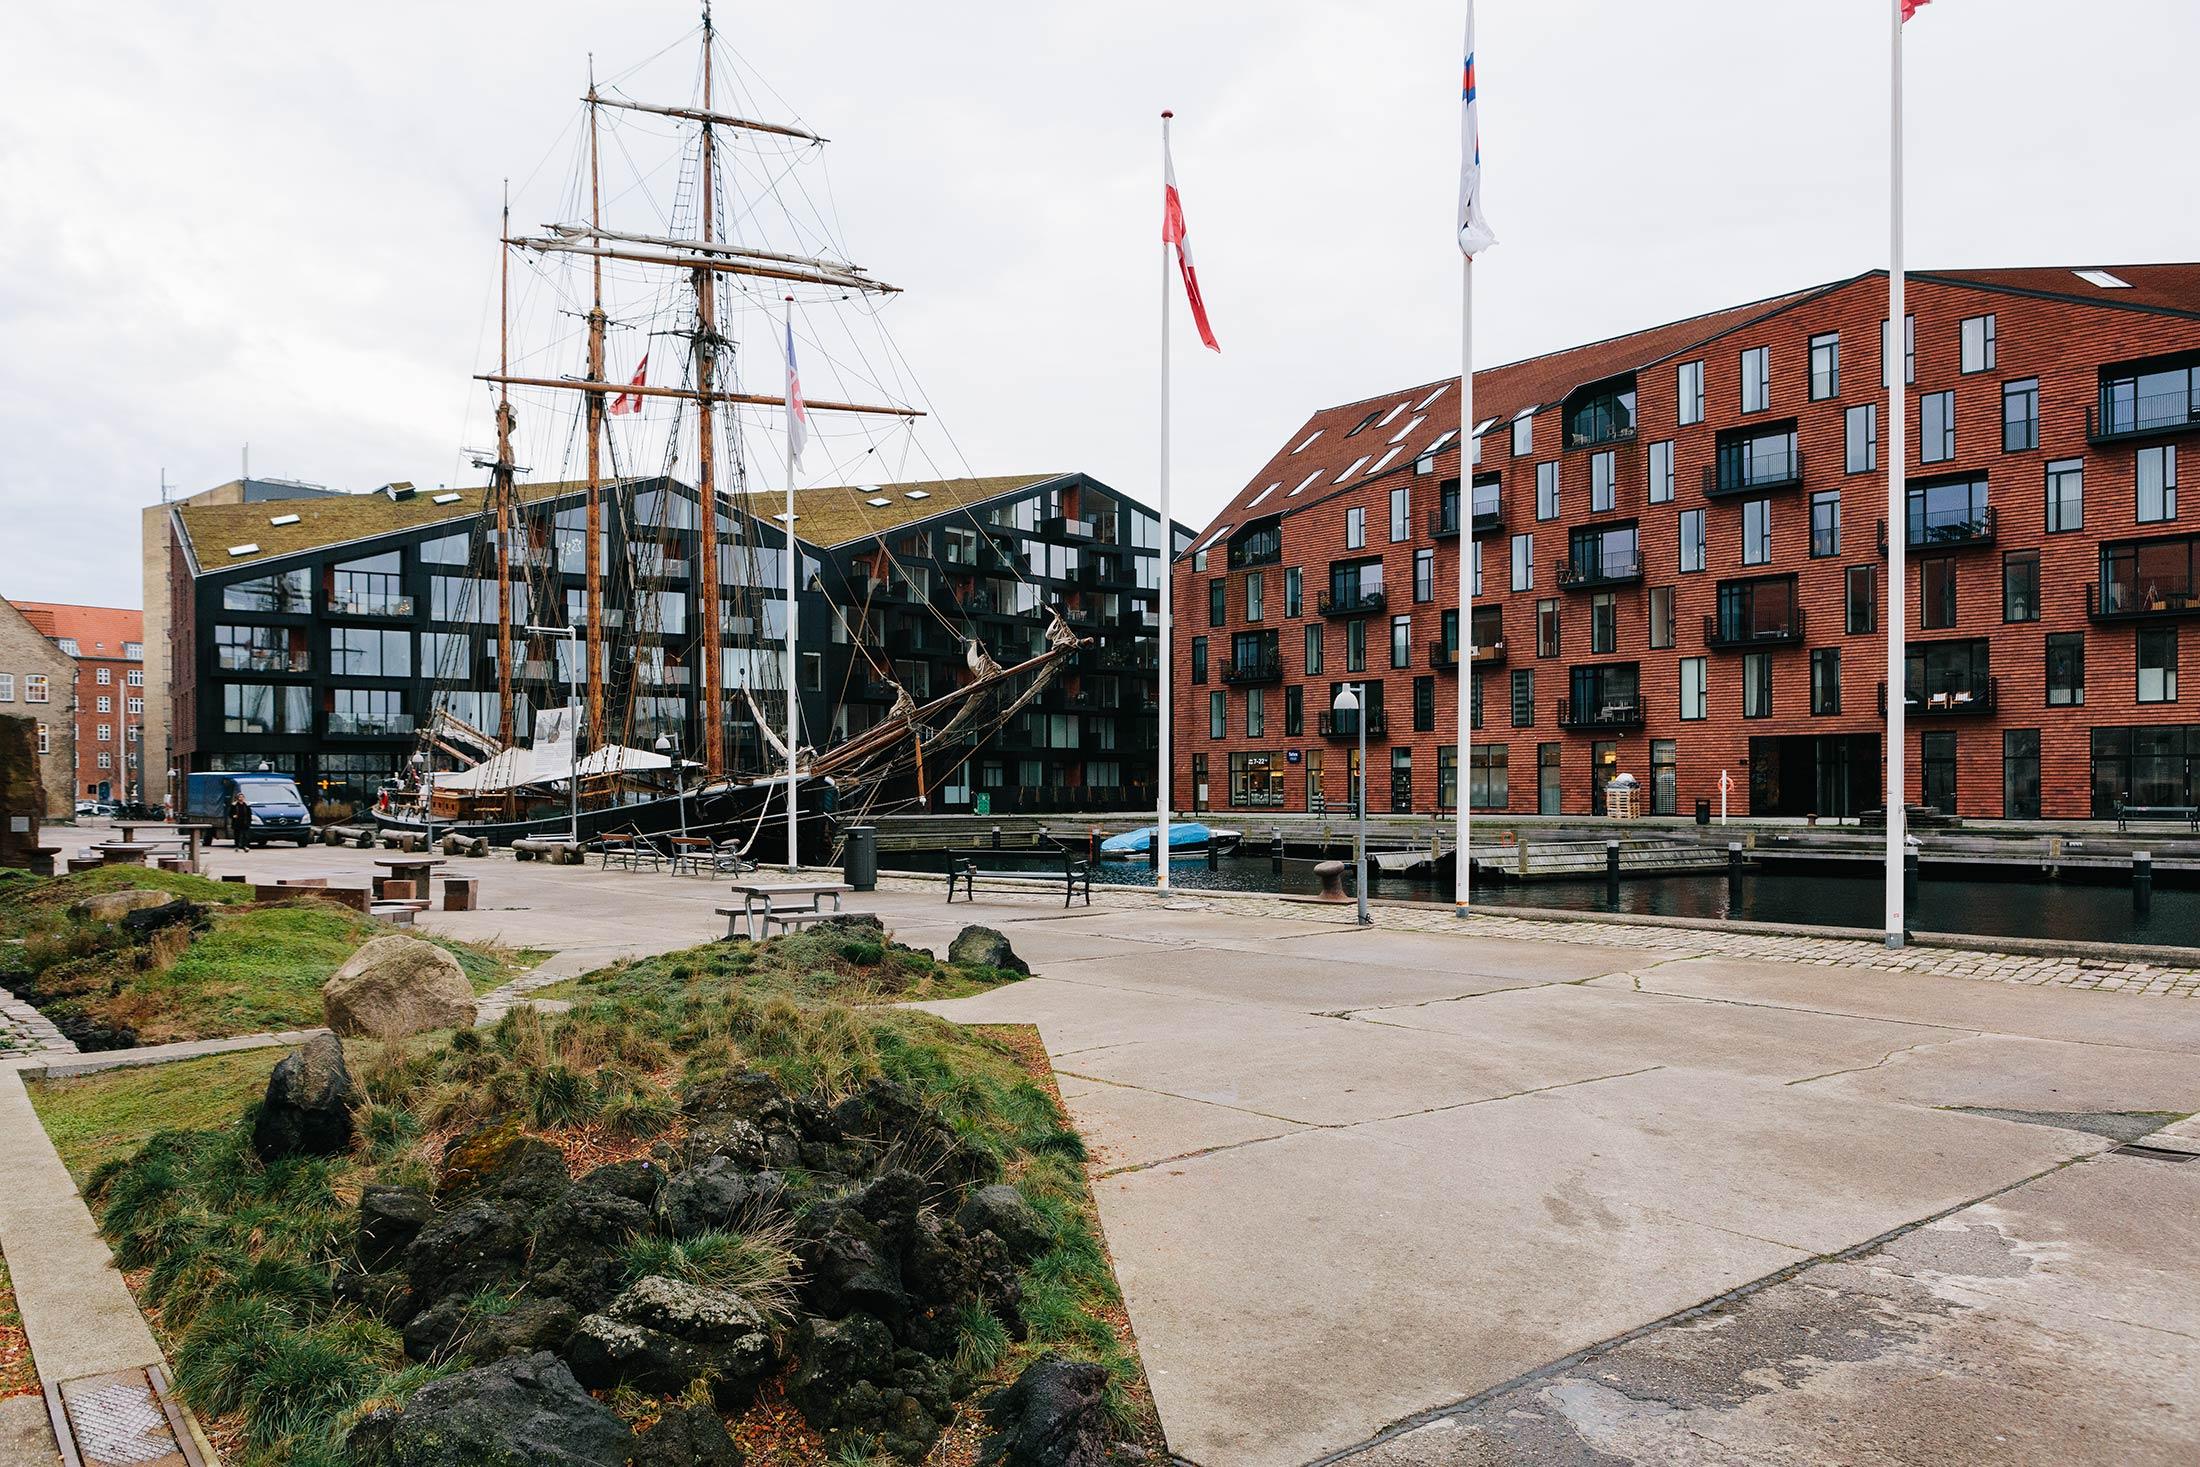 CPH_Kopenhagen_14-Mitja_Schneehage